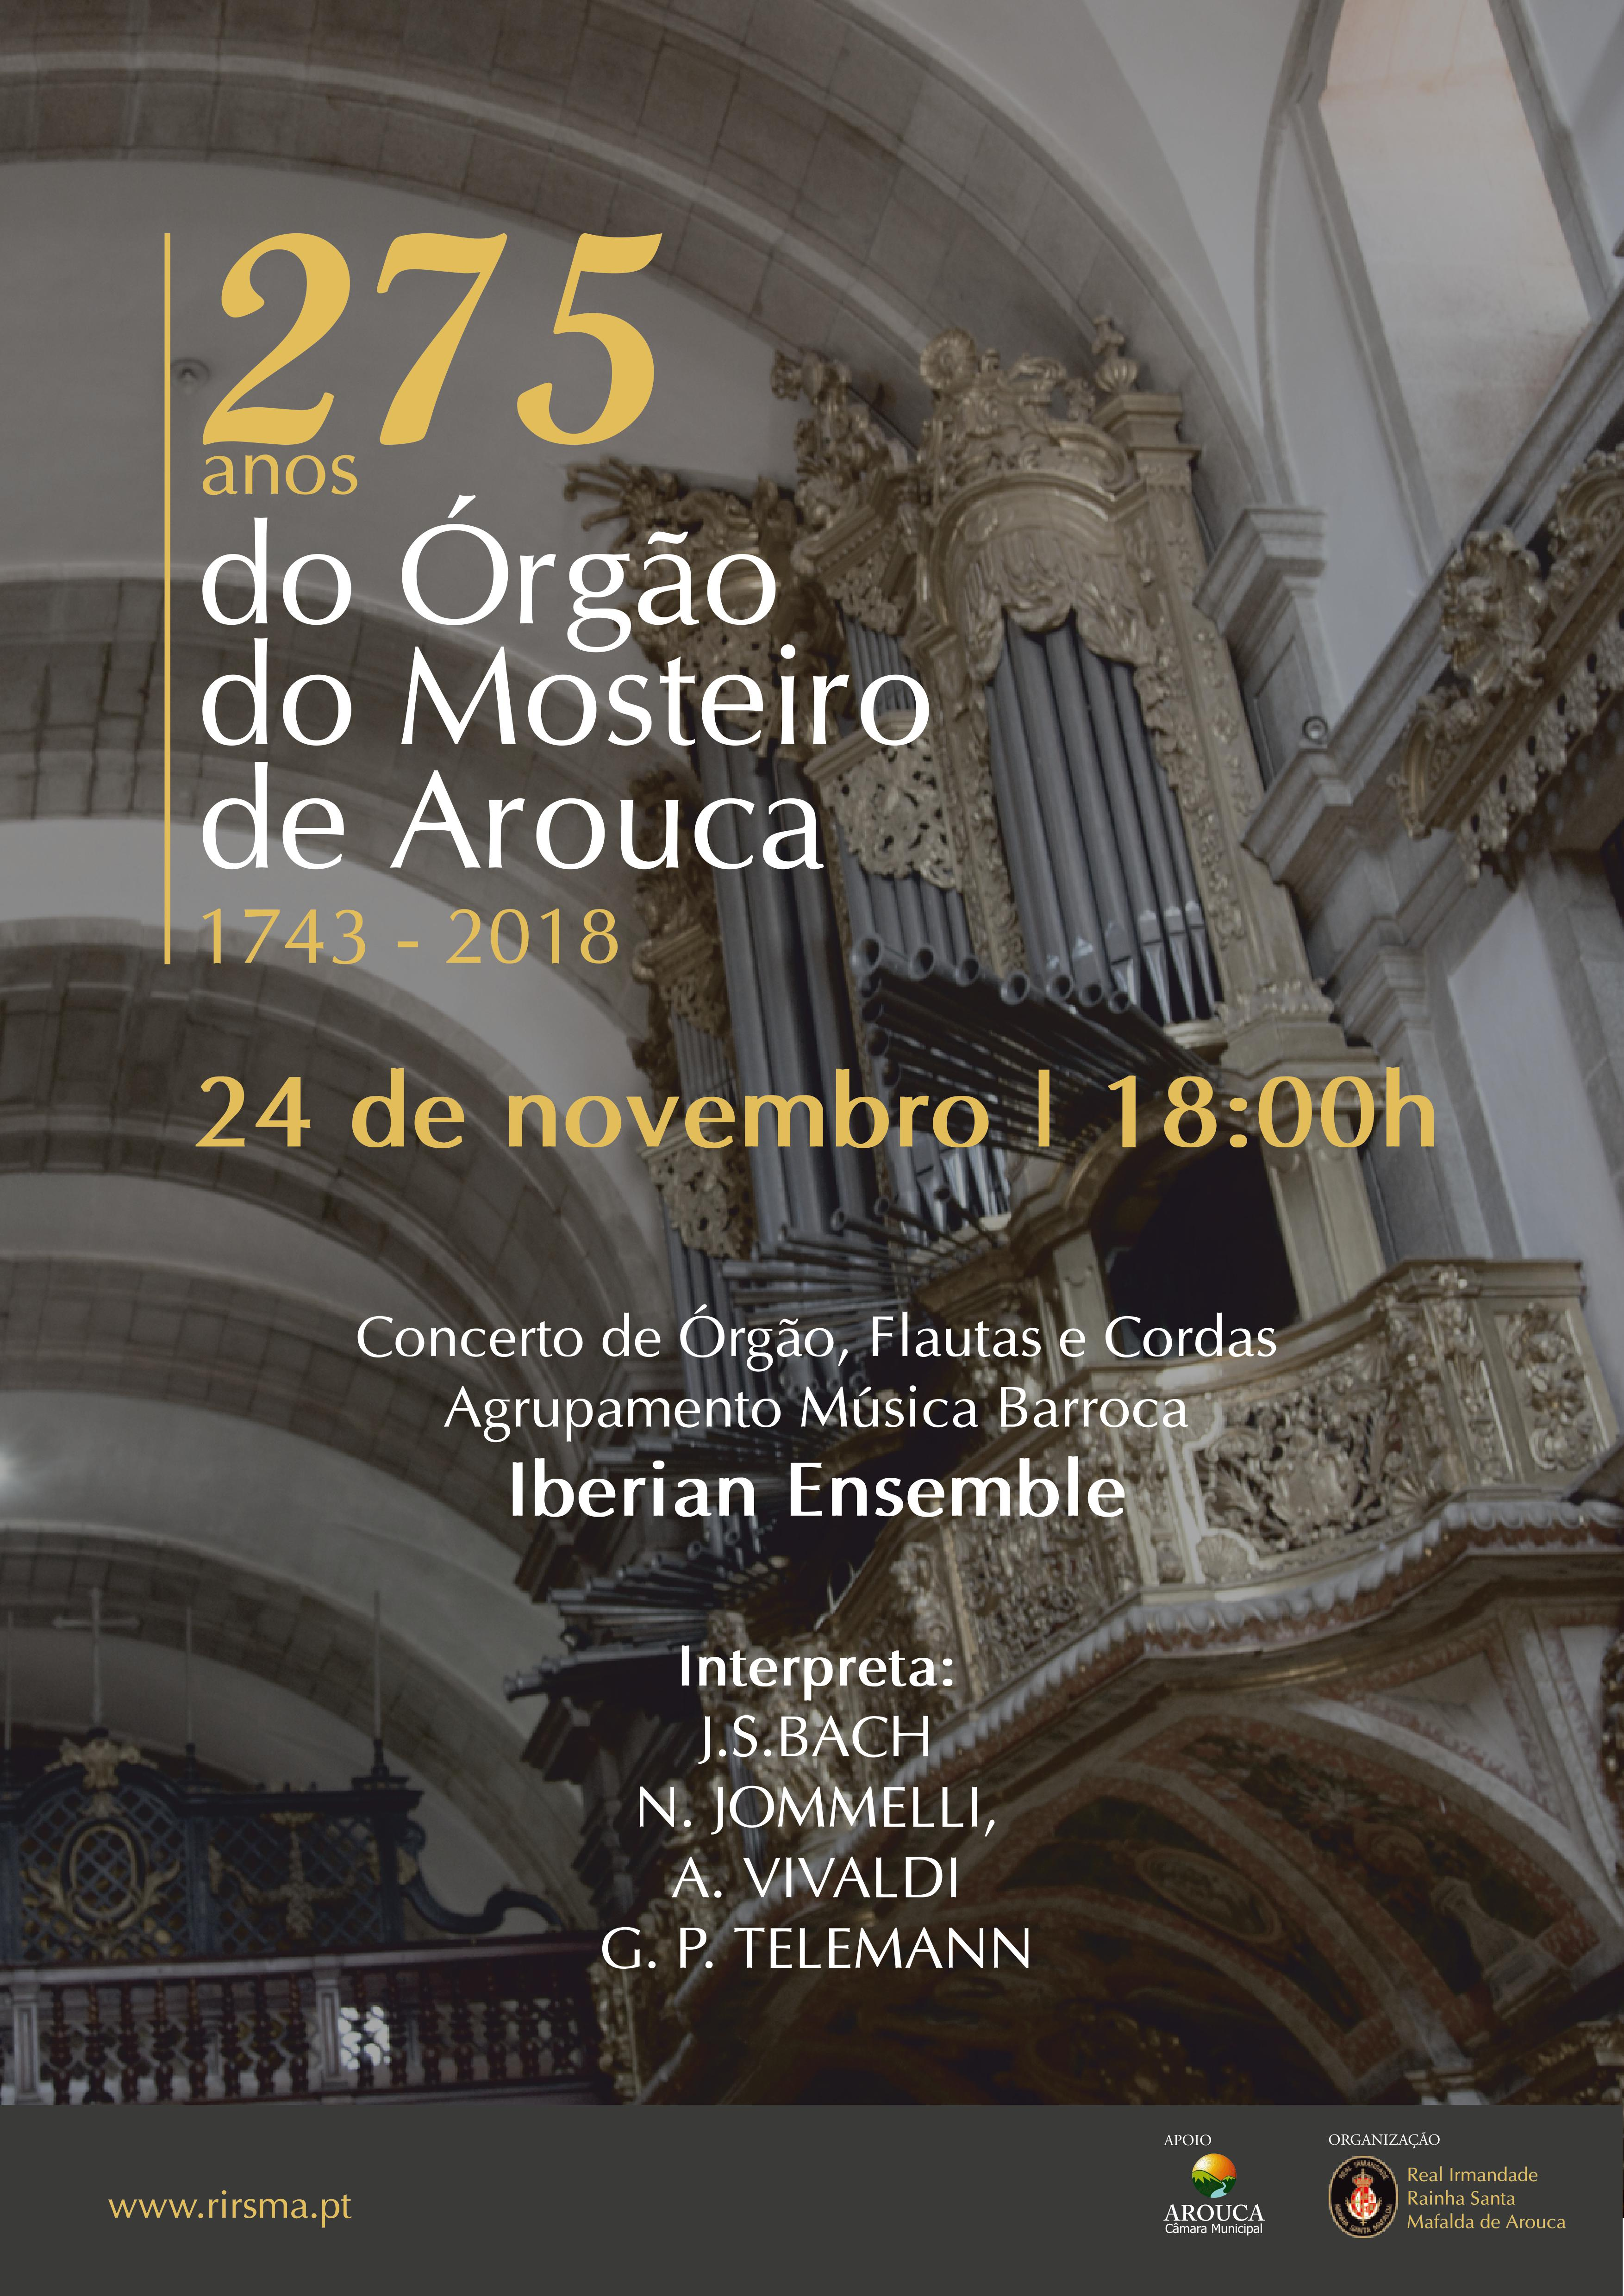 275 anos do órgão do Mosteiro de Arouca assinalados com novo concerto